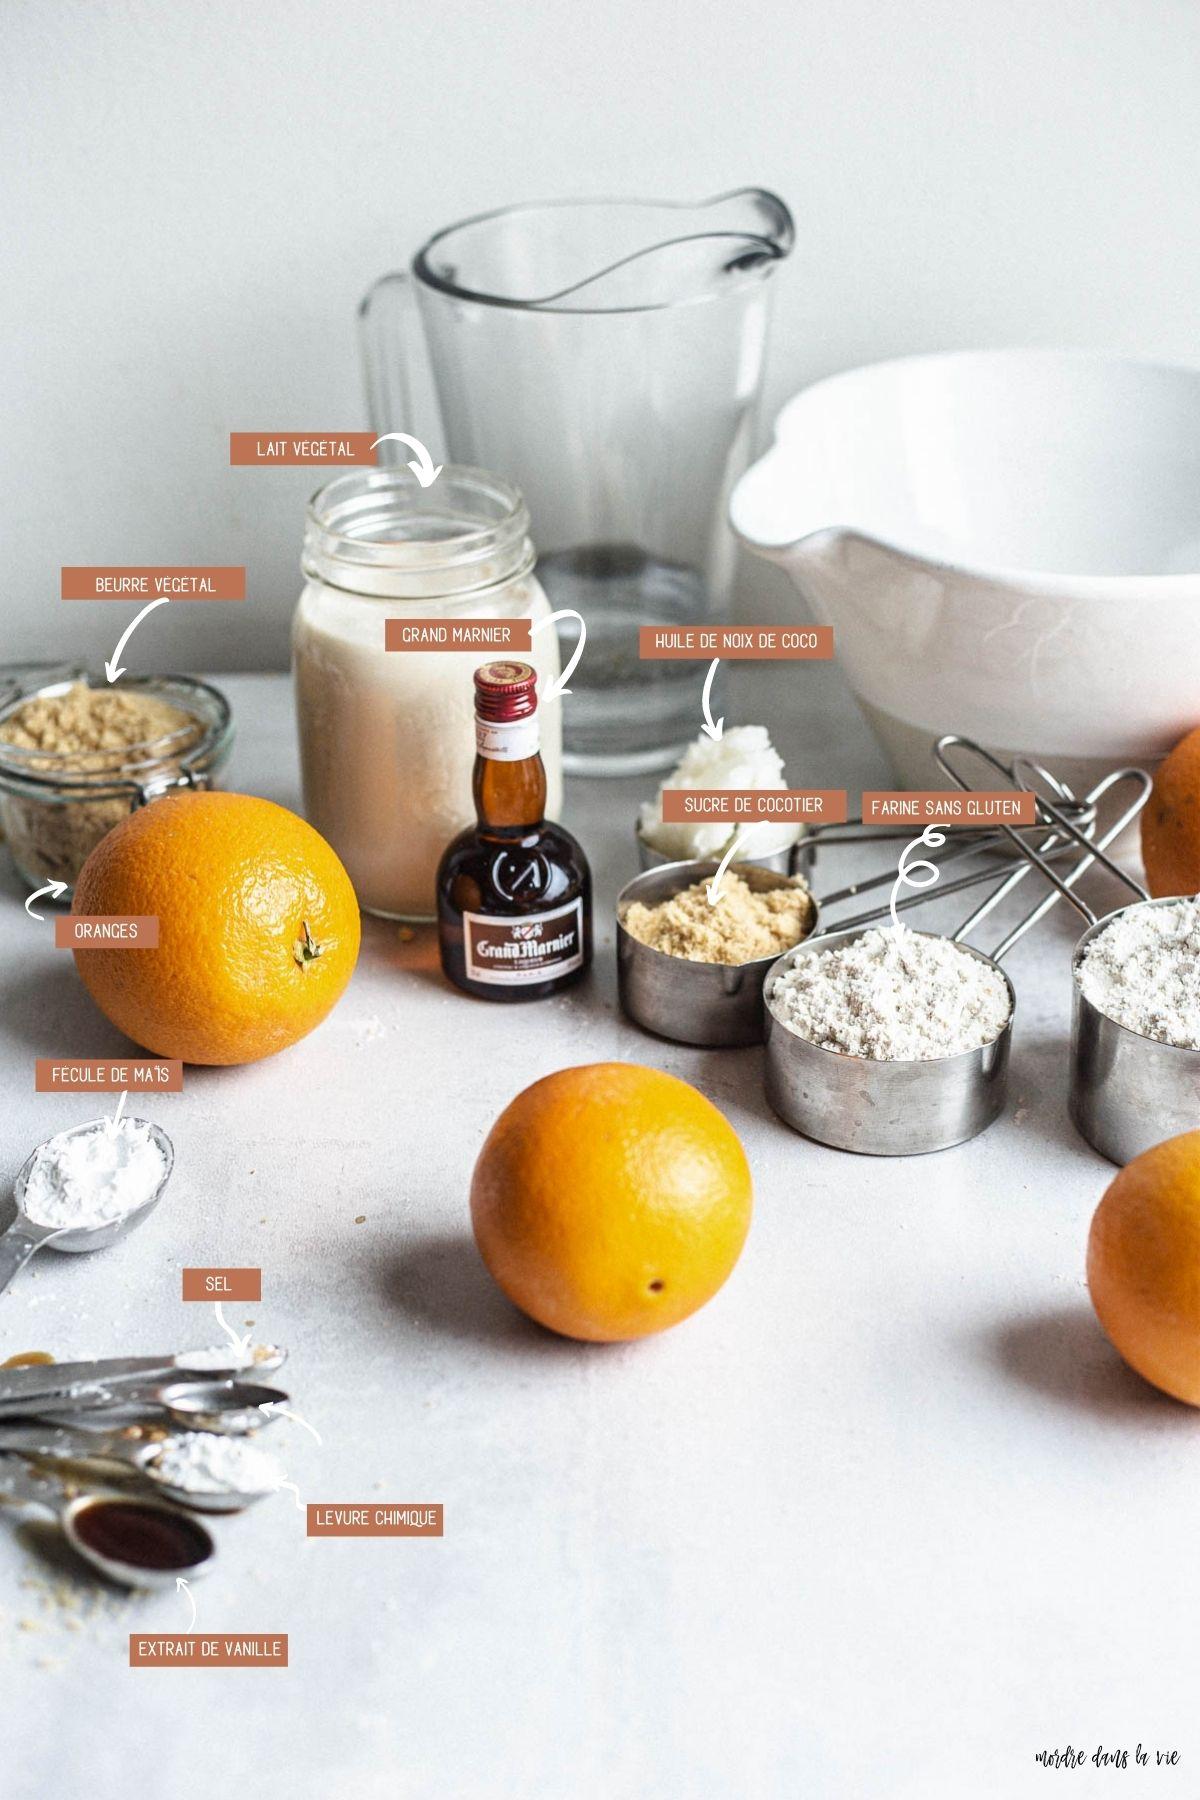 Ingrédients de la crêpe Suzette esthétiquement placés (dans le sens horaire) : oranges, lait végétal, Grand Marnier, huile de noix de coco, sucre de cocotier, farine sans gluten, sel, levure chimique et extrait de vanille